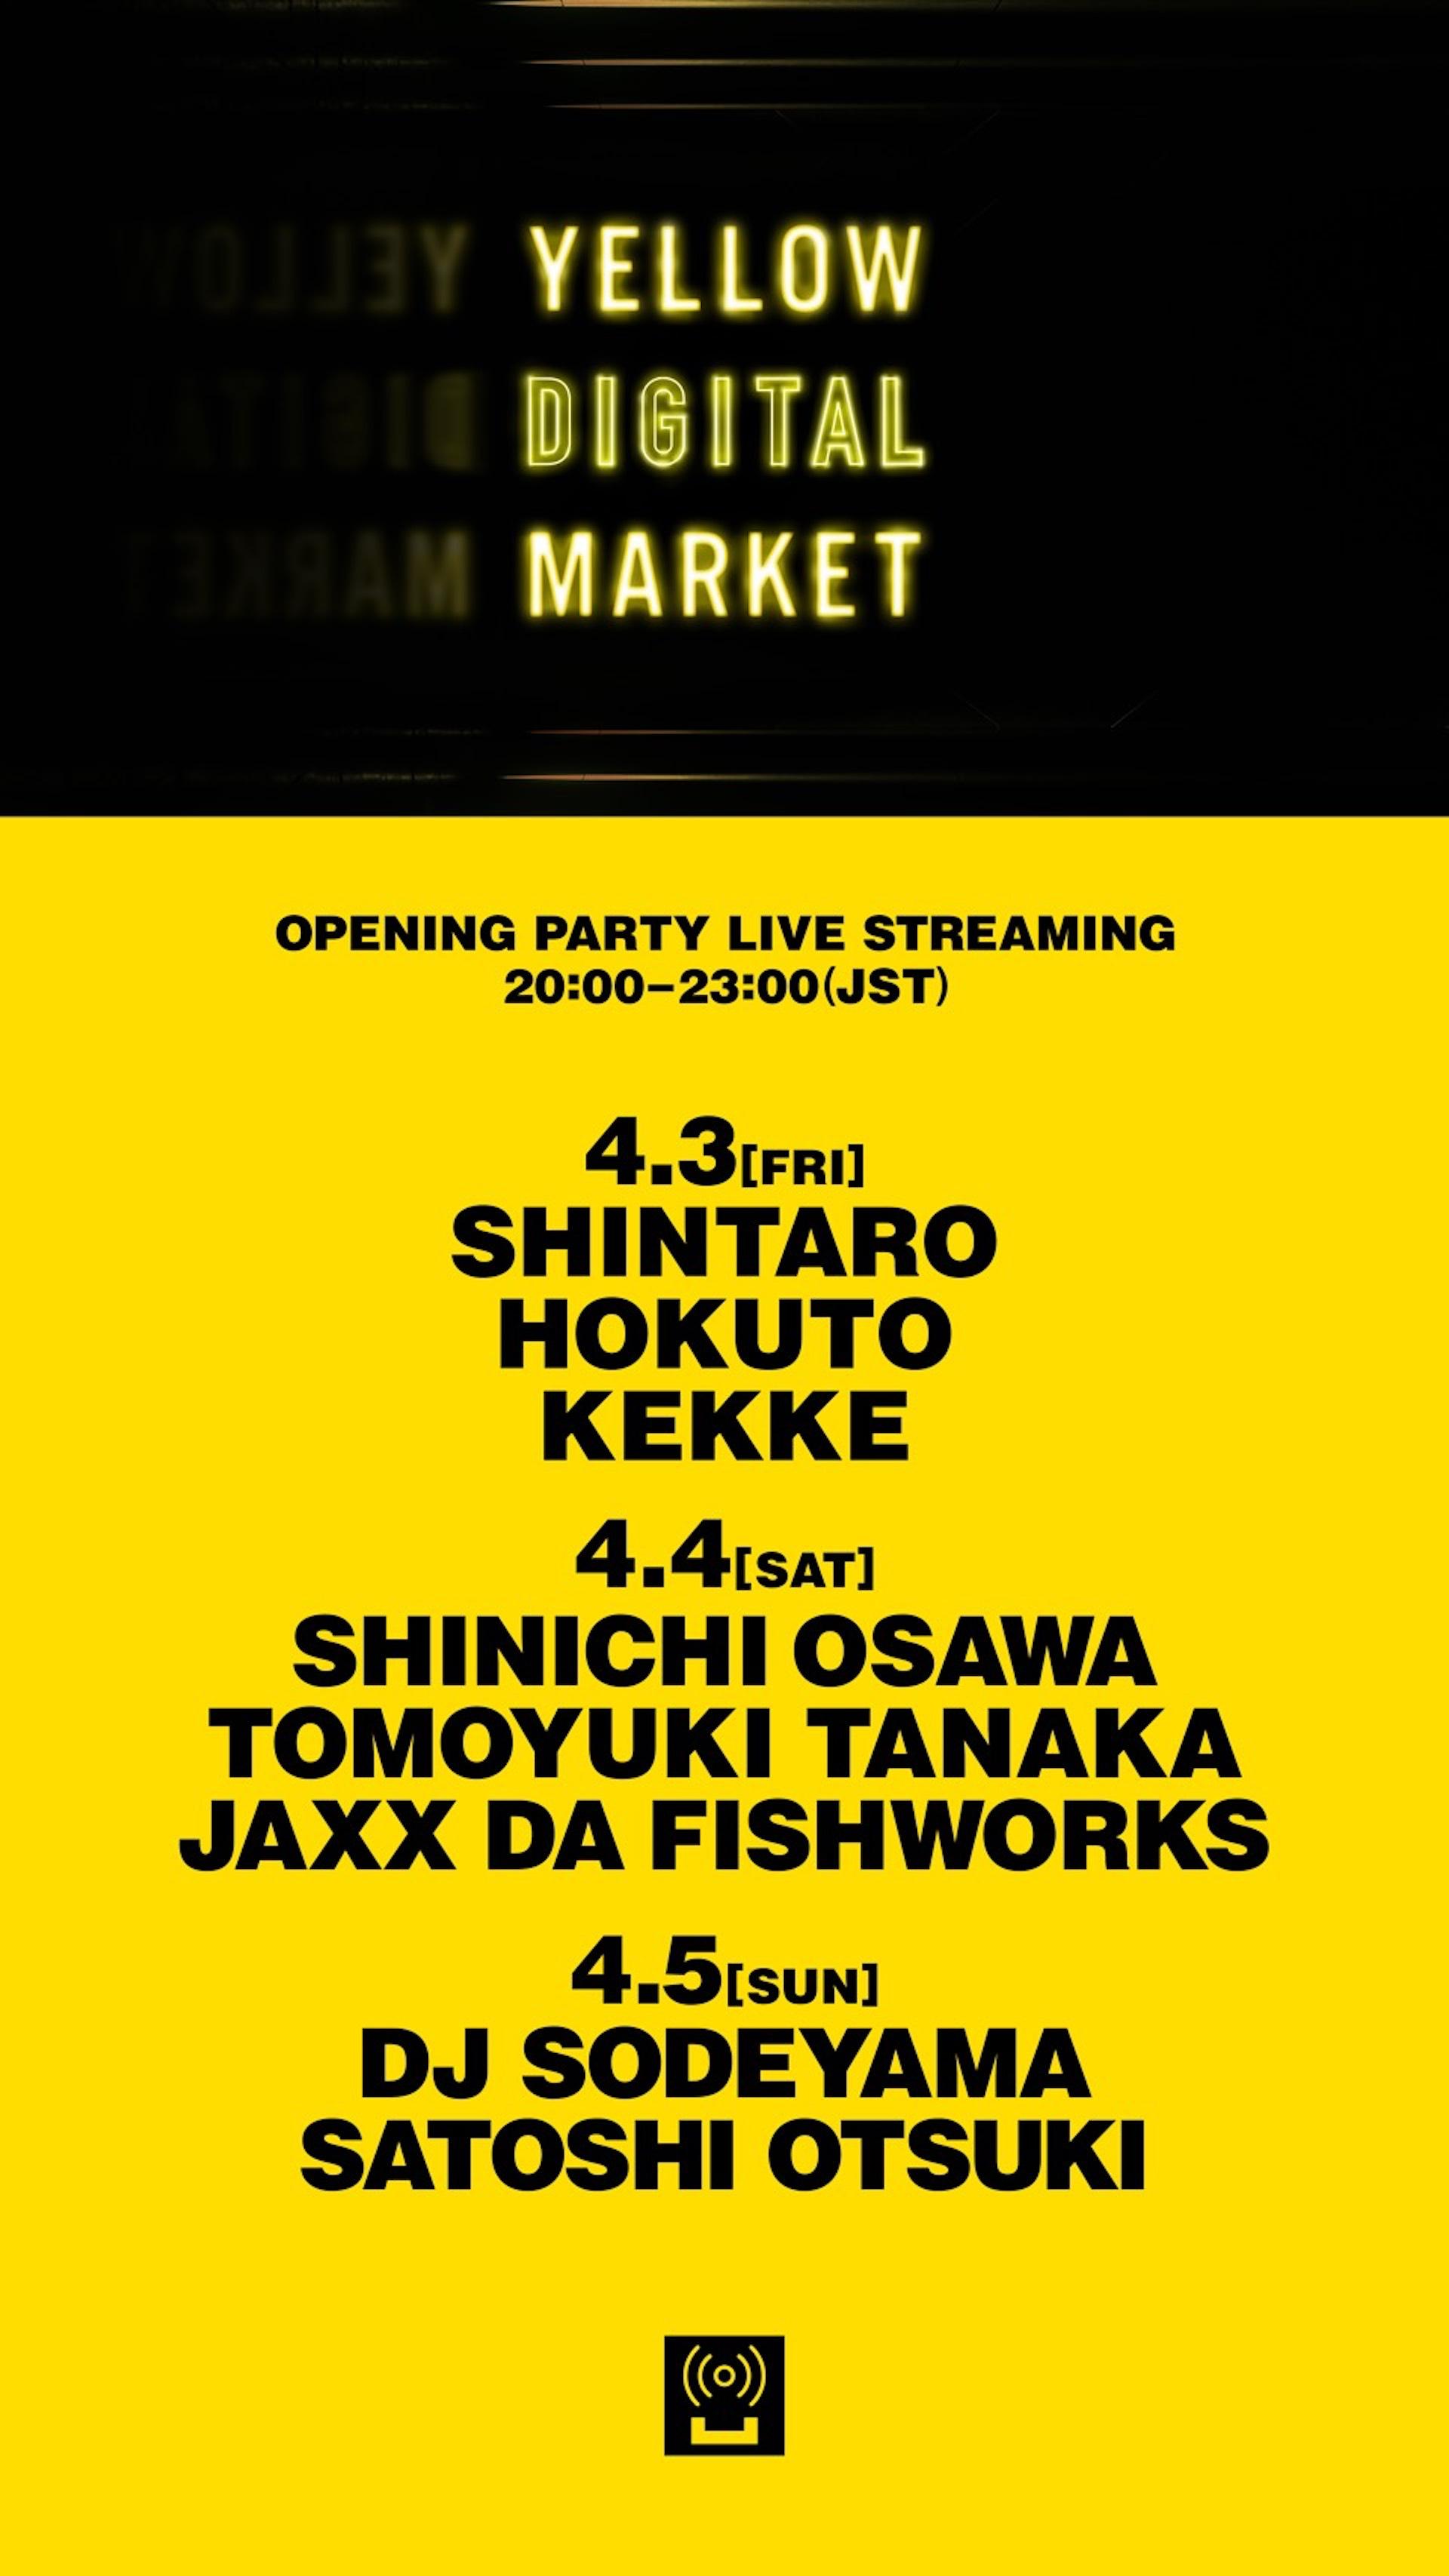 オンラインクラブYELLOW DIGITAL MARKETがオープン!オープニングパーティーにDJ SODEYAMA、SHINICHI OSAWA登場 music200402_yellowdigitalmarket_02